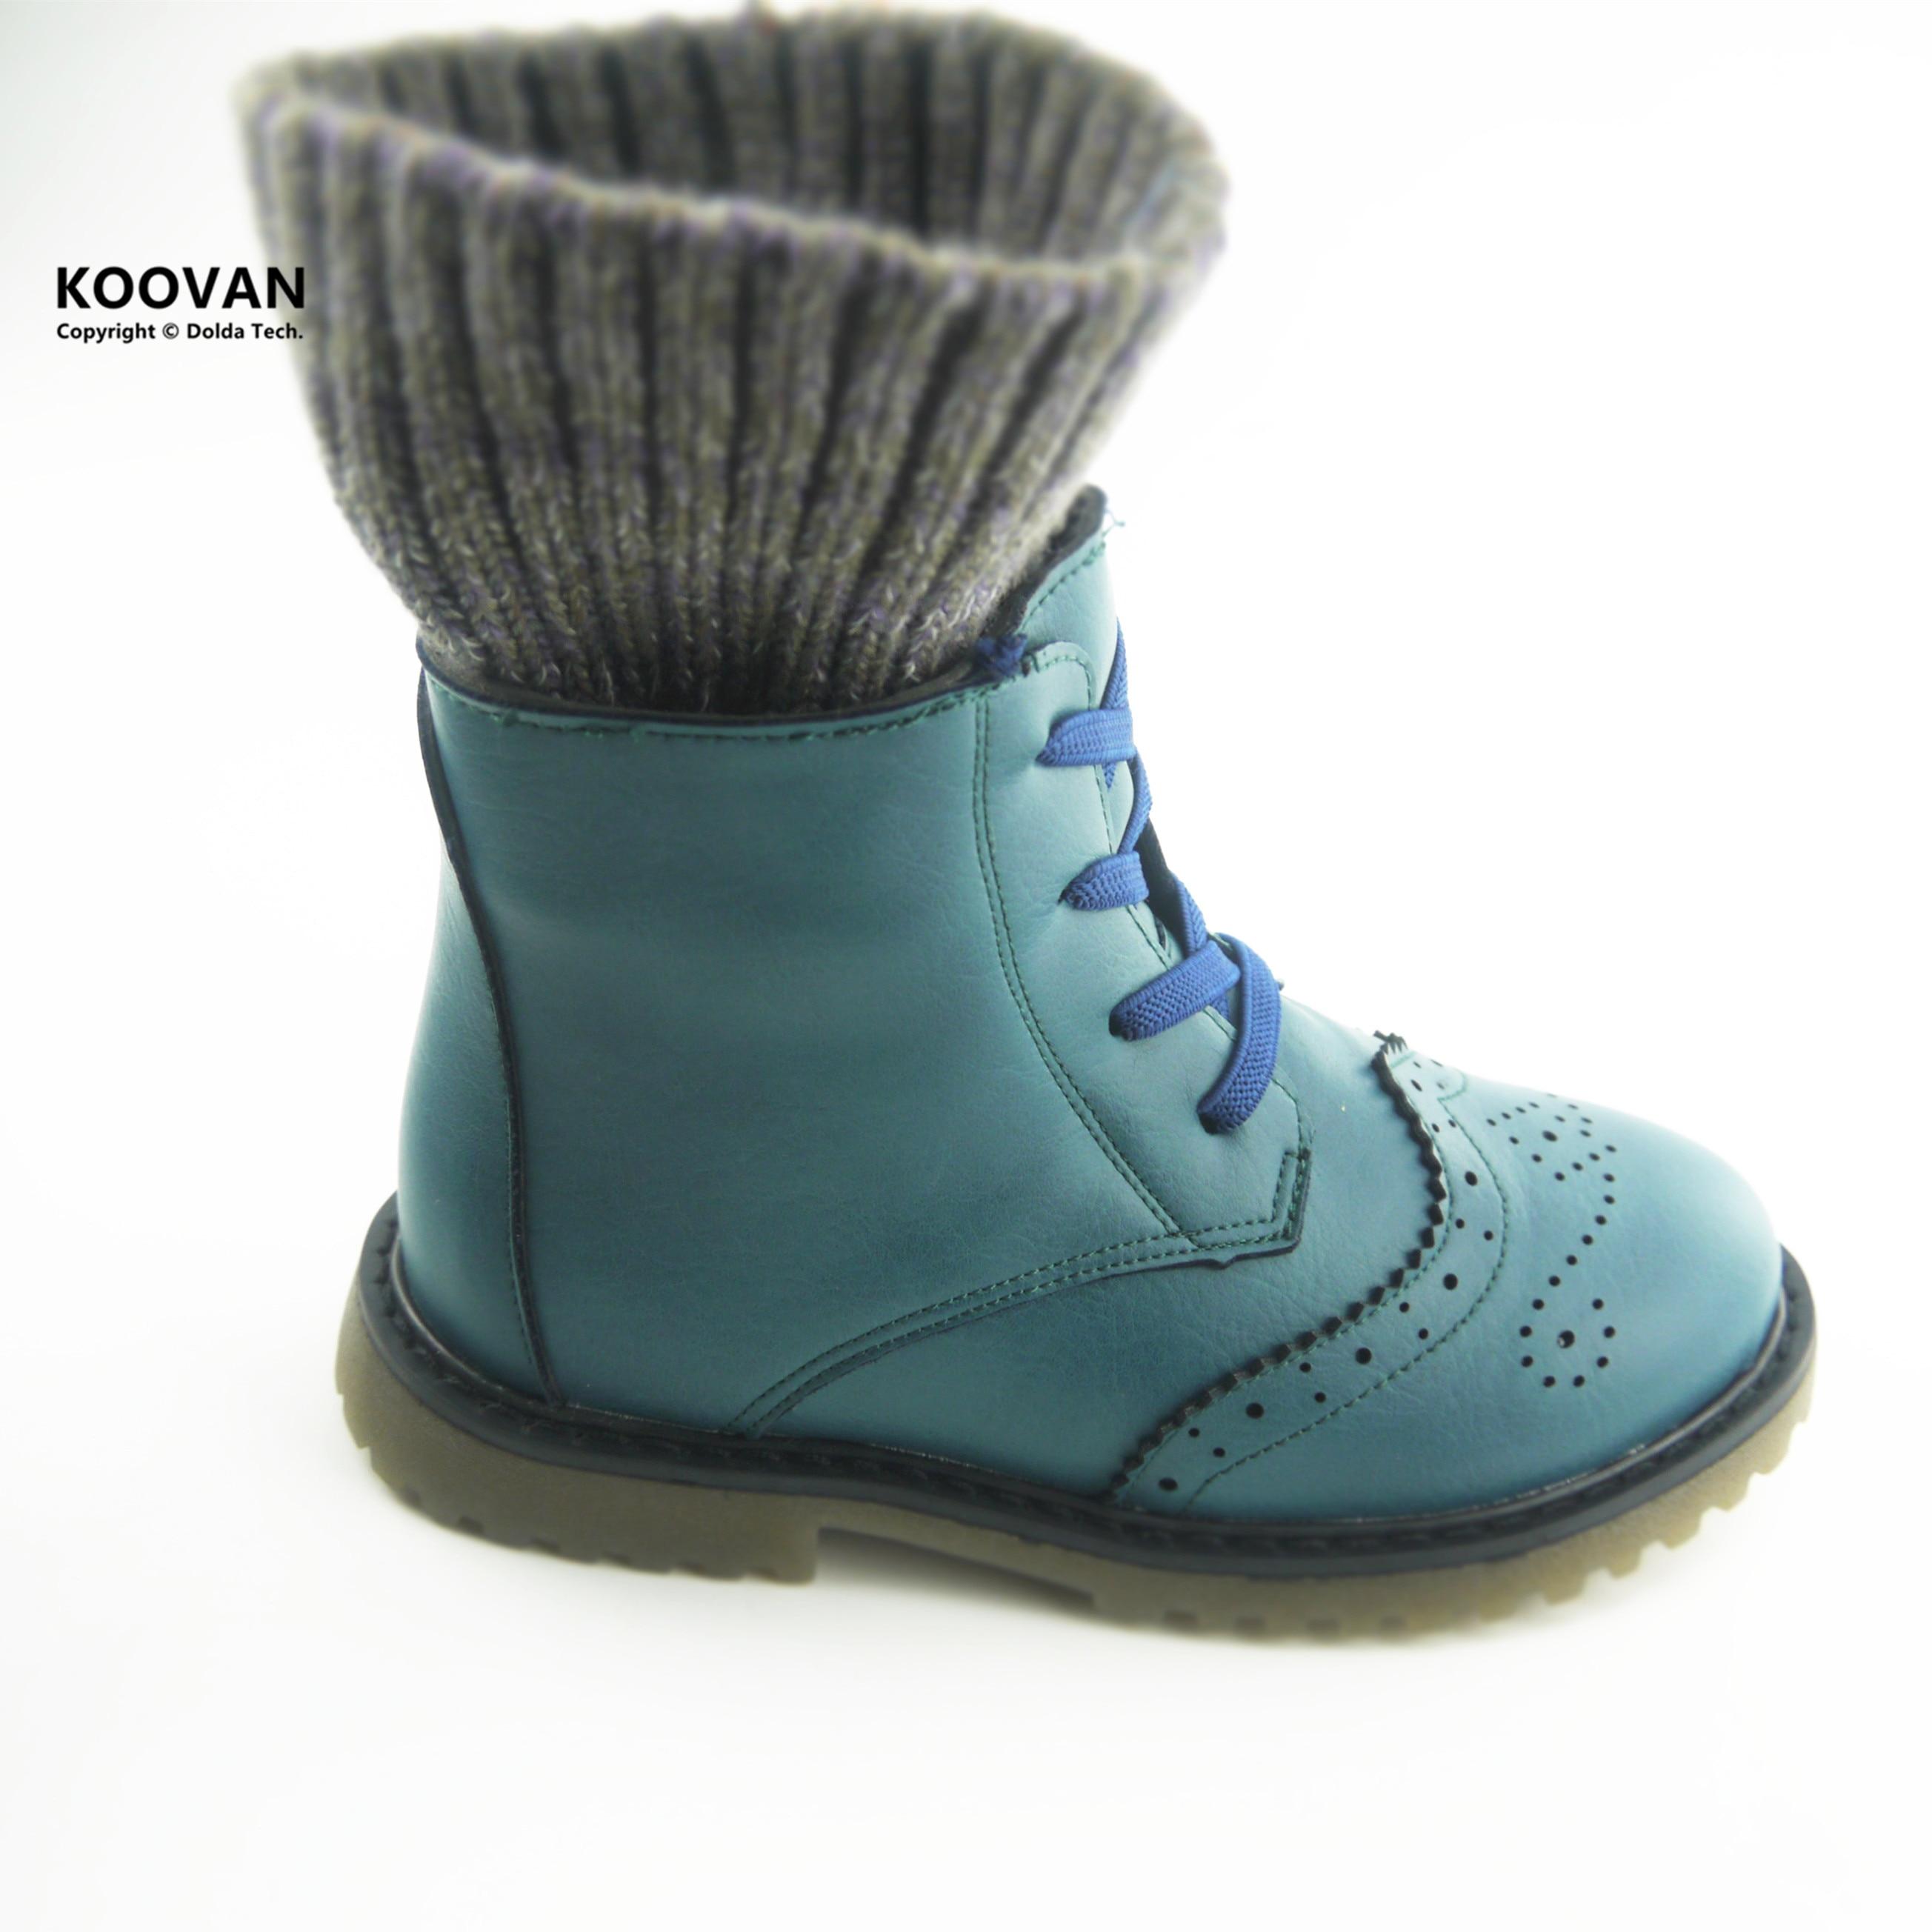 Koovan 2017 New Winter Fashion Kids Shoes Children's Warm ...